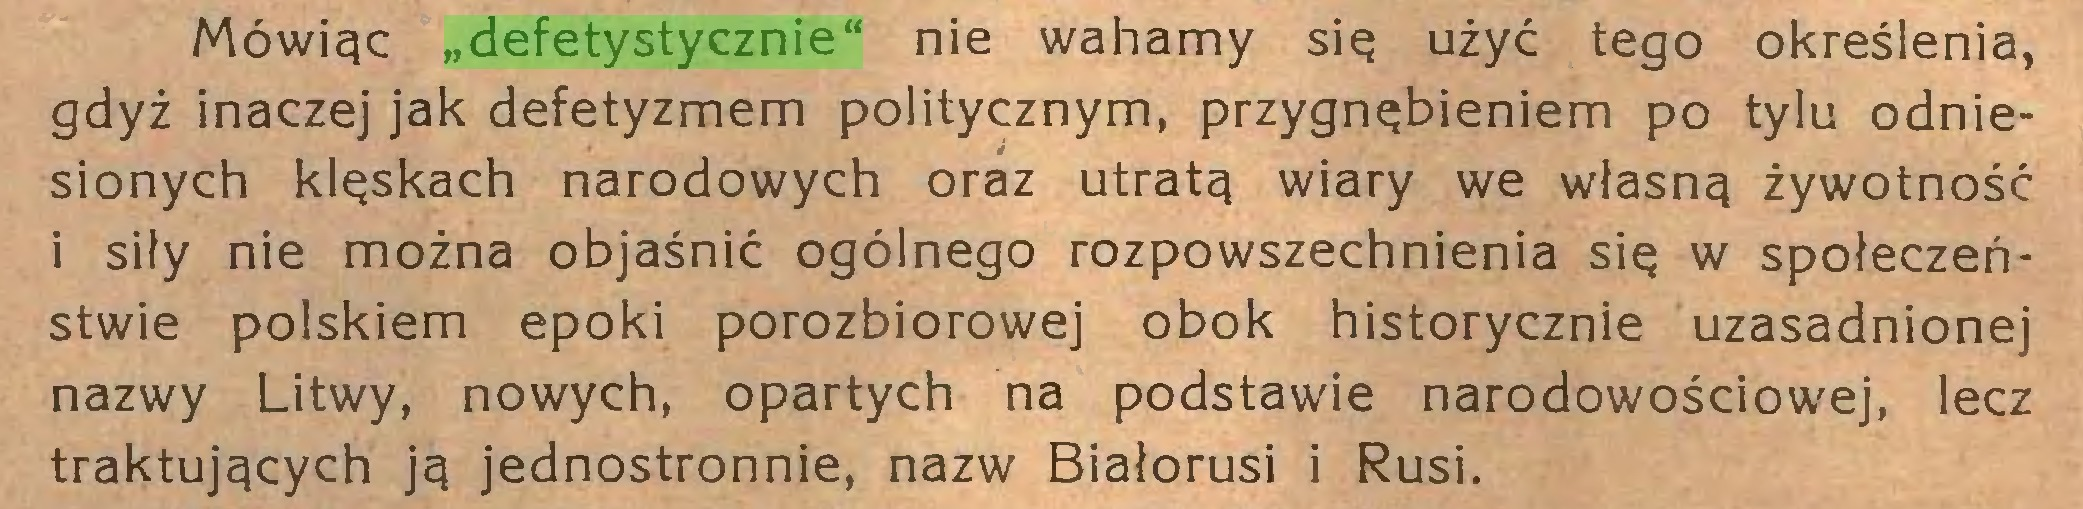 """(...) Mówiąc """"defetystycznie"""" nie wahamy się użyć tego określenia, gdyż inaczej jak defetyzmem politycznym, przygnębieniem po tylu odniesionych klęskach narodowych oraz utratą wiary we własną żywotność i siły nie można objaśnić ogólnego rozpowszechnienia się w społeczeństwie polskiem epoki porozbiorowej obok historycznie uzasadnionej nazwy Litwy, nowych, opartych na podstawie narodowościowej, lecz traktujących ją jednostronnie, nazw Białorusi i Rusi..."""